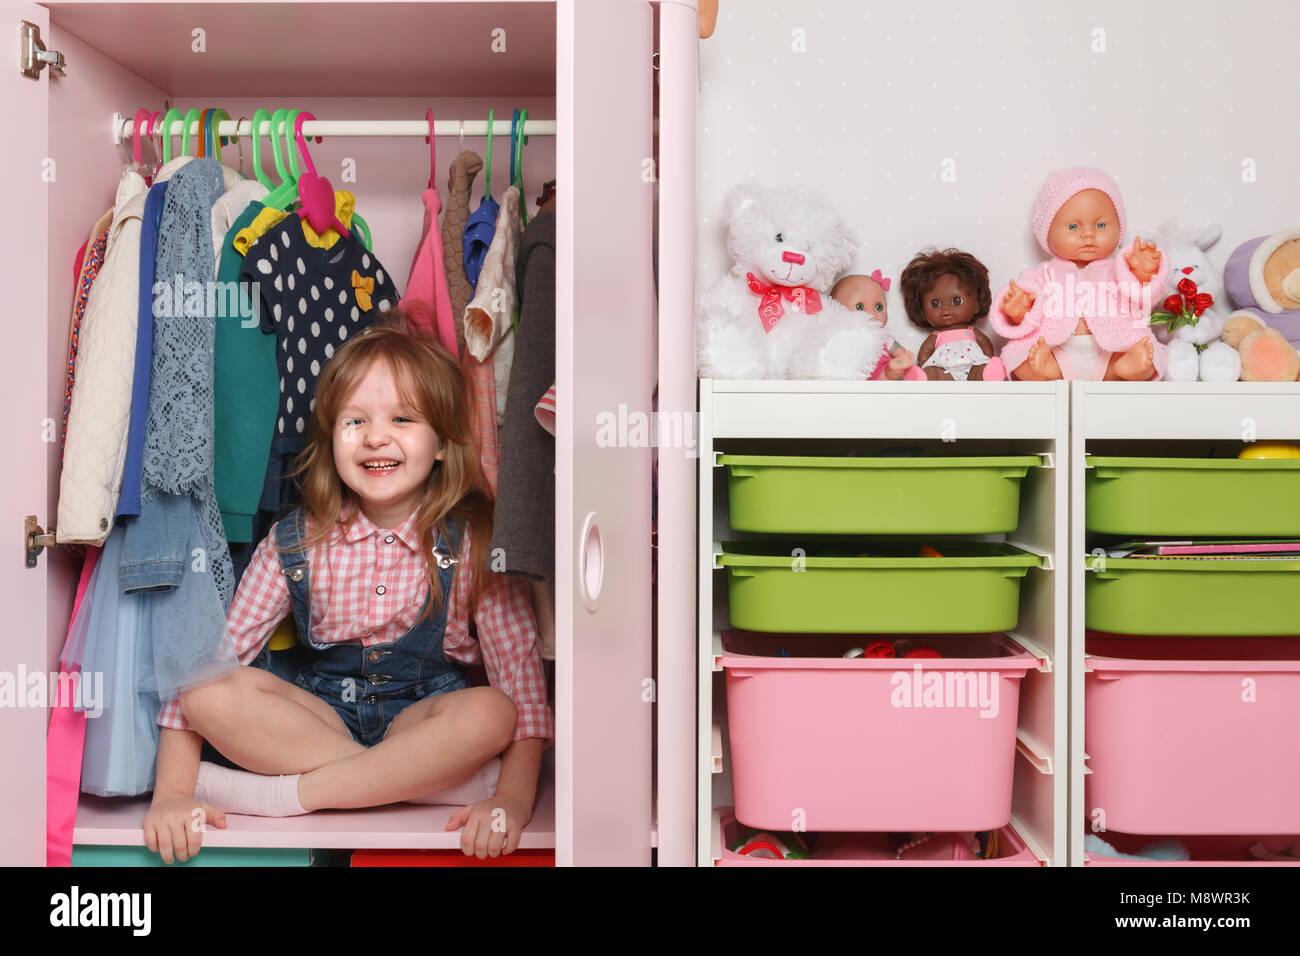 Una niña pequeña está sentada en un armario con un departamento de niños. Sistema de almacenamiento Imagen De Stock